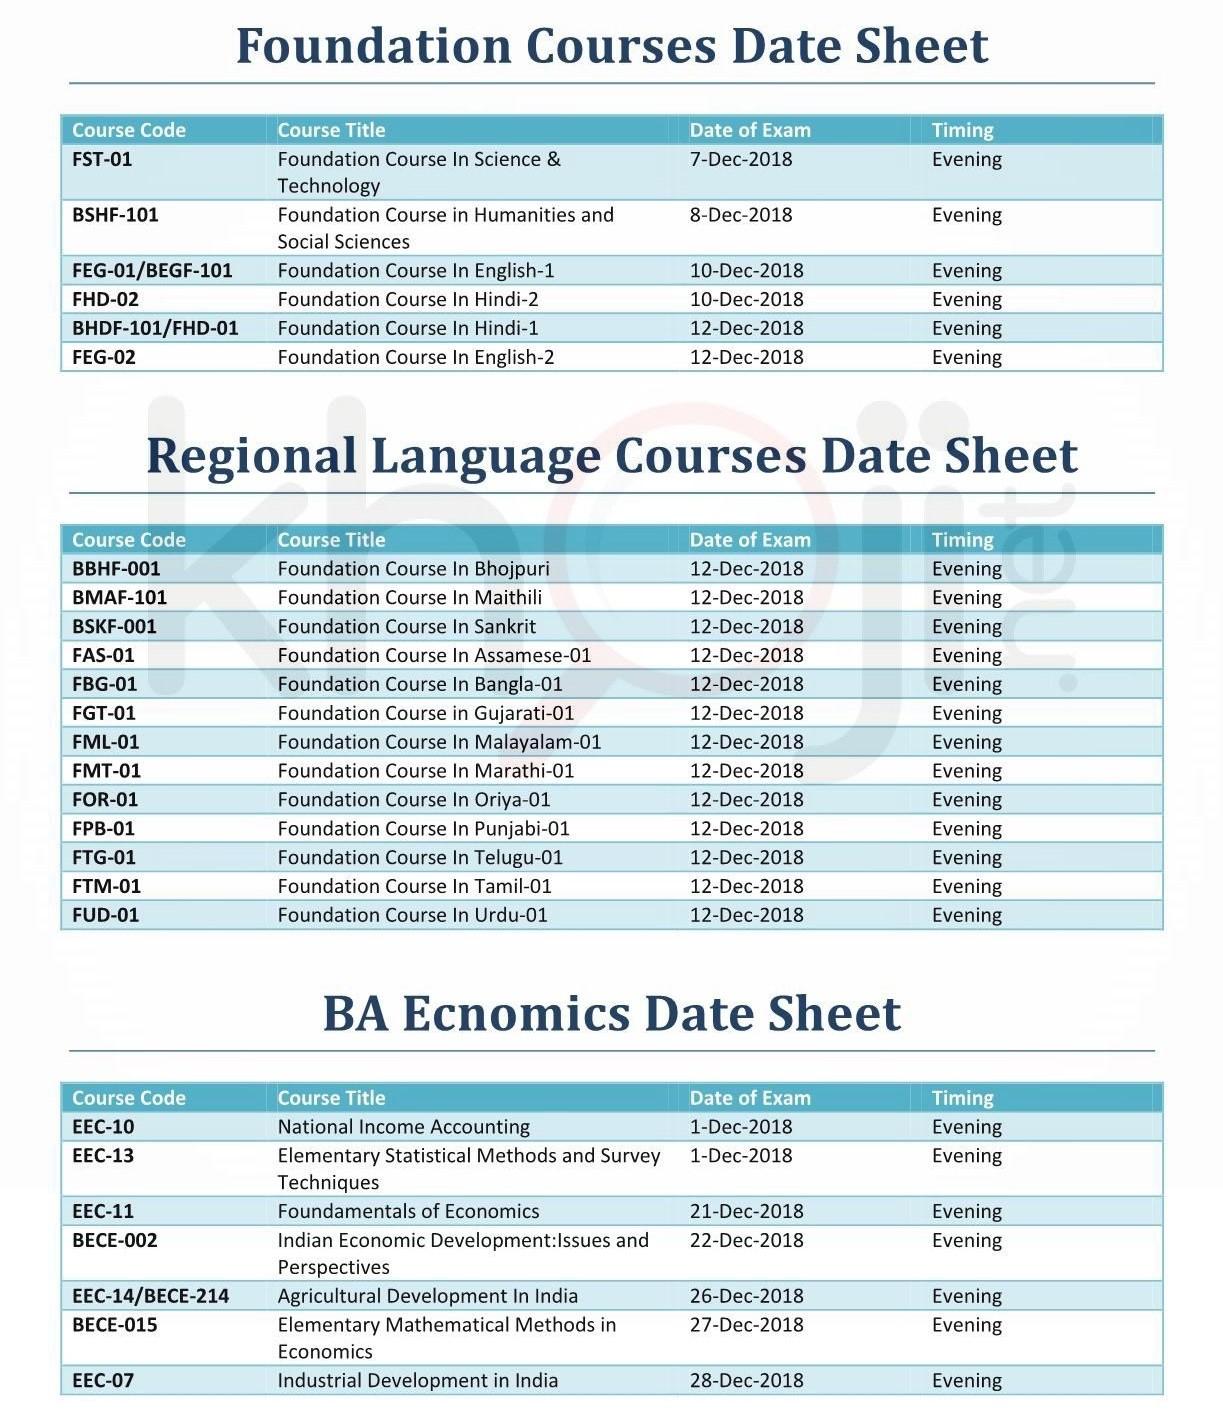 IGNOU BDP BA Date Sheet For December 2018 Exams